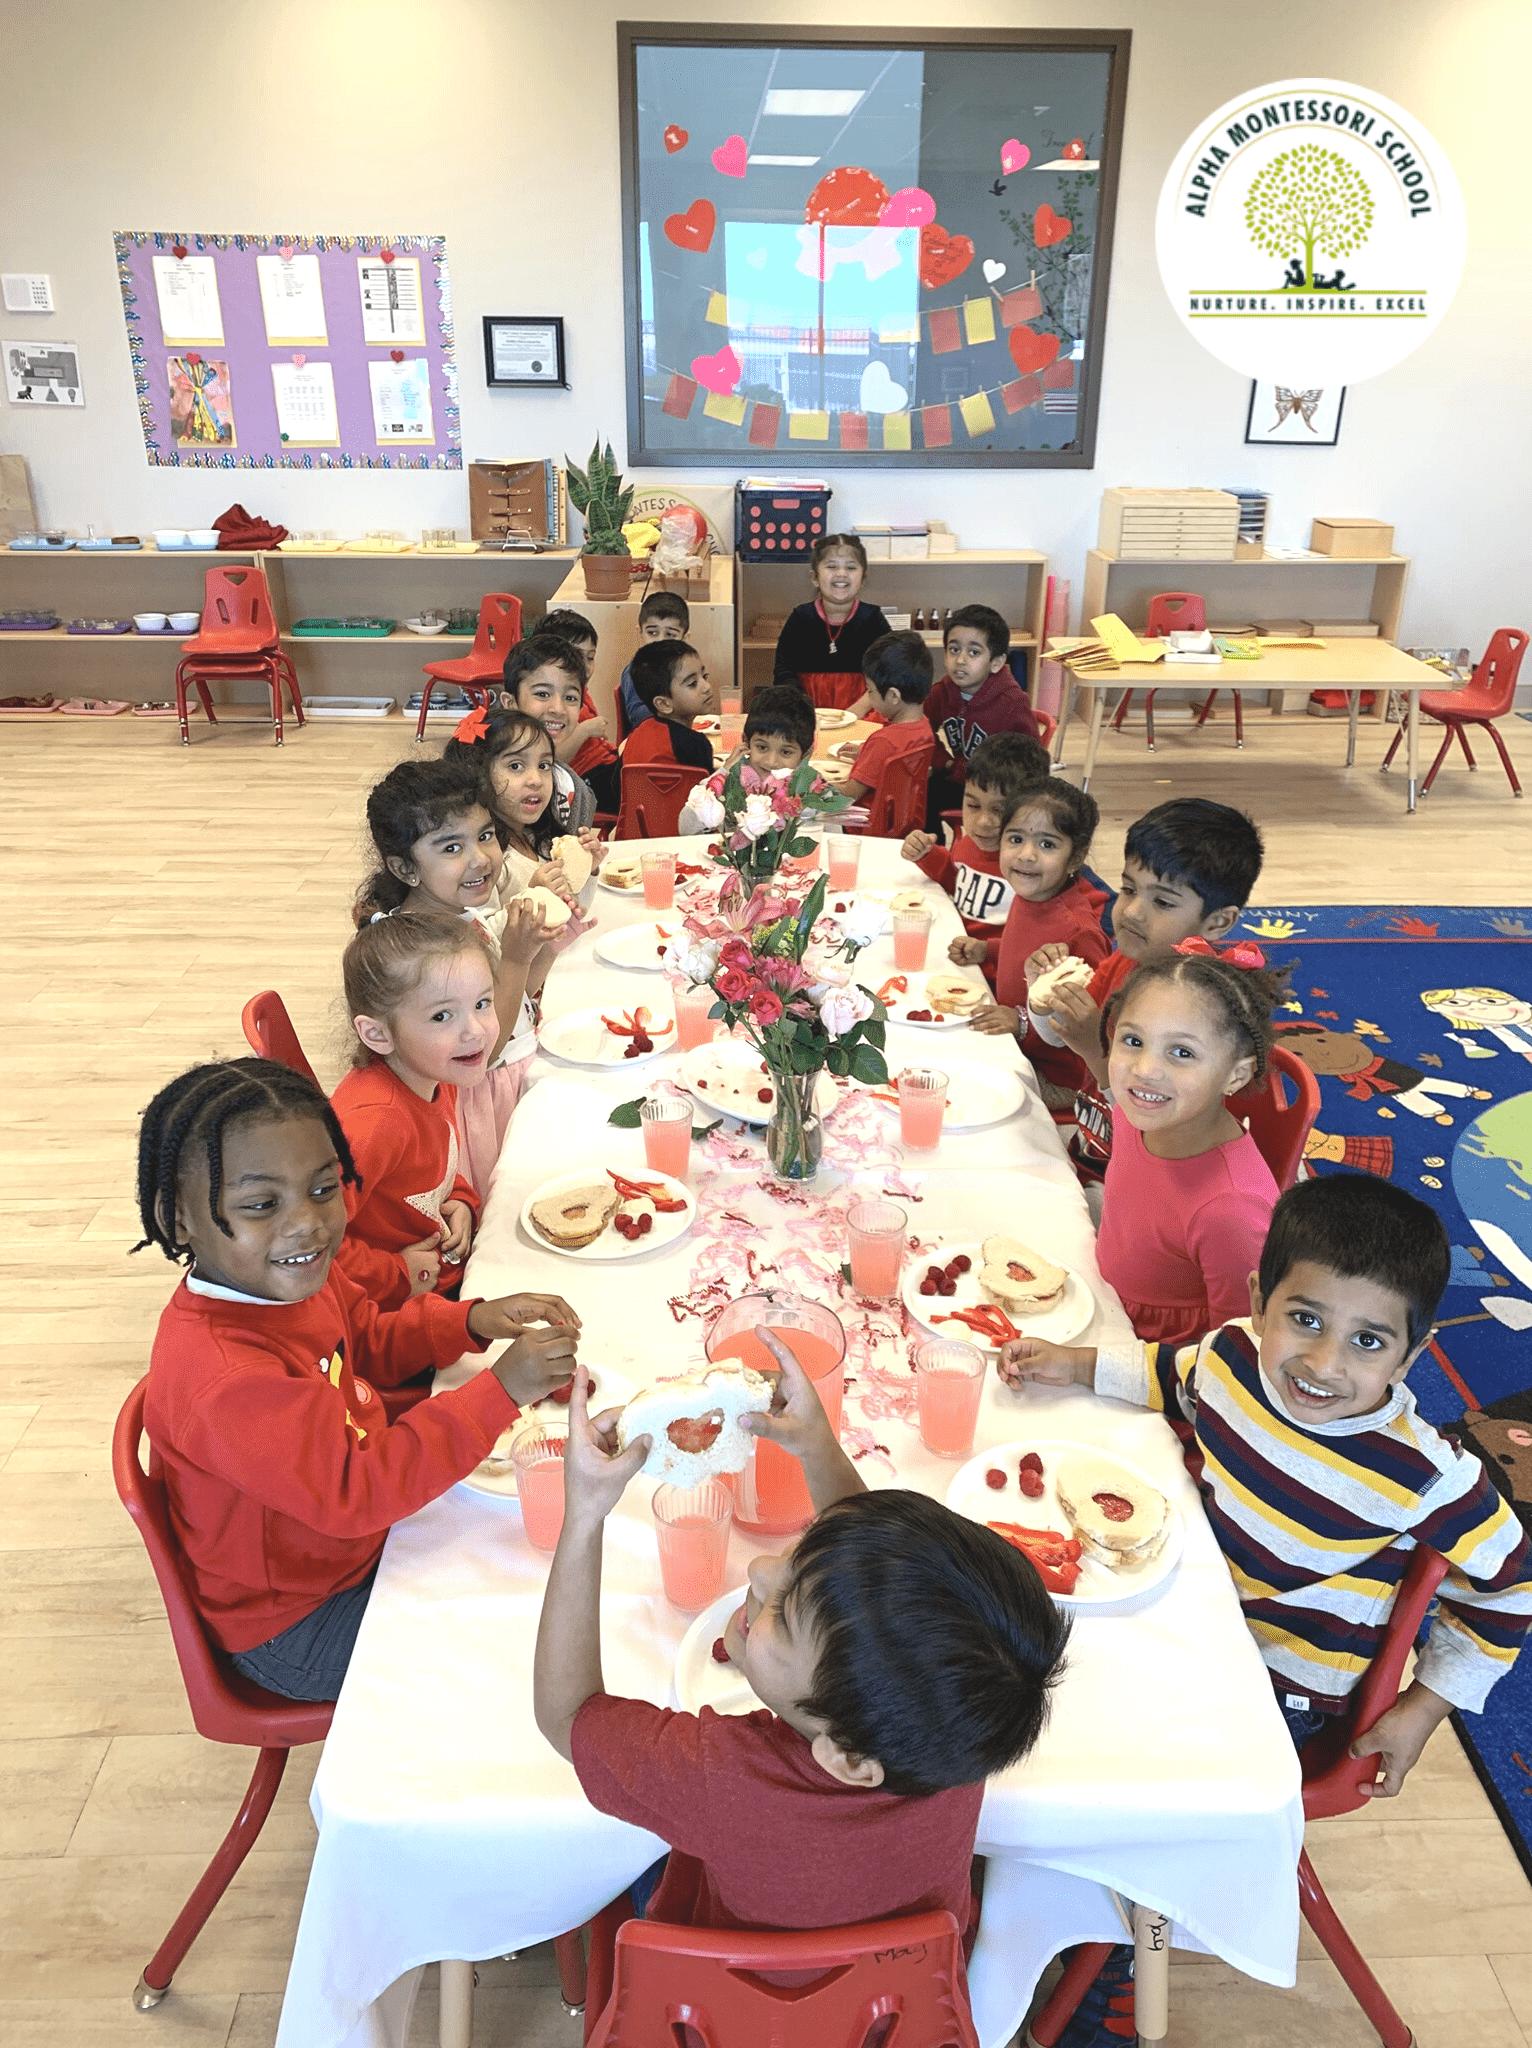 Montessori School in Plano